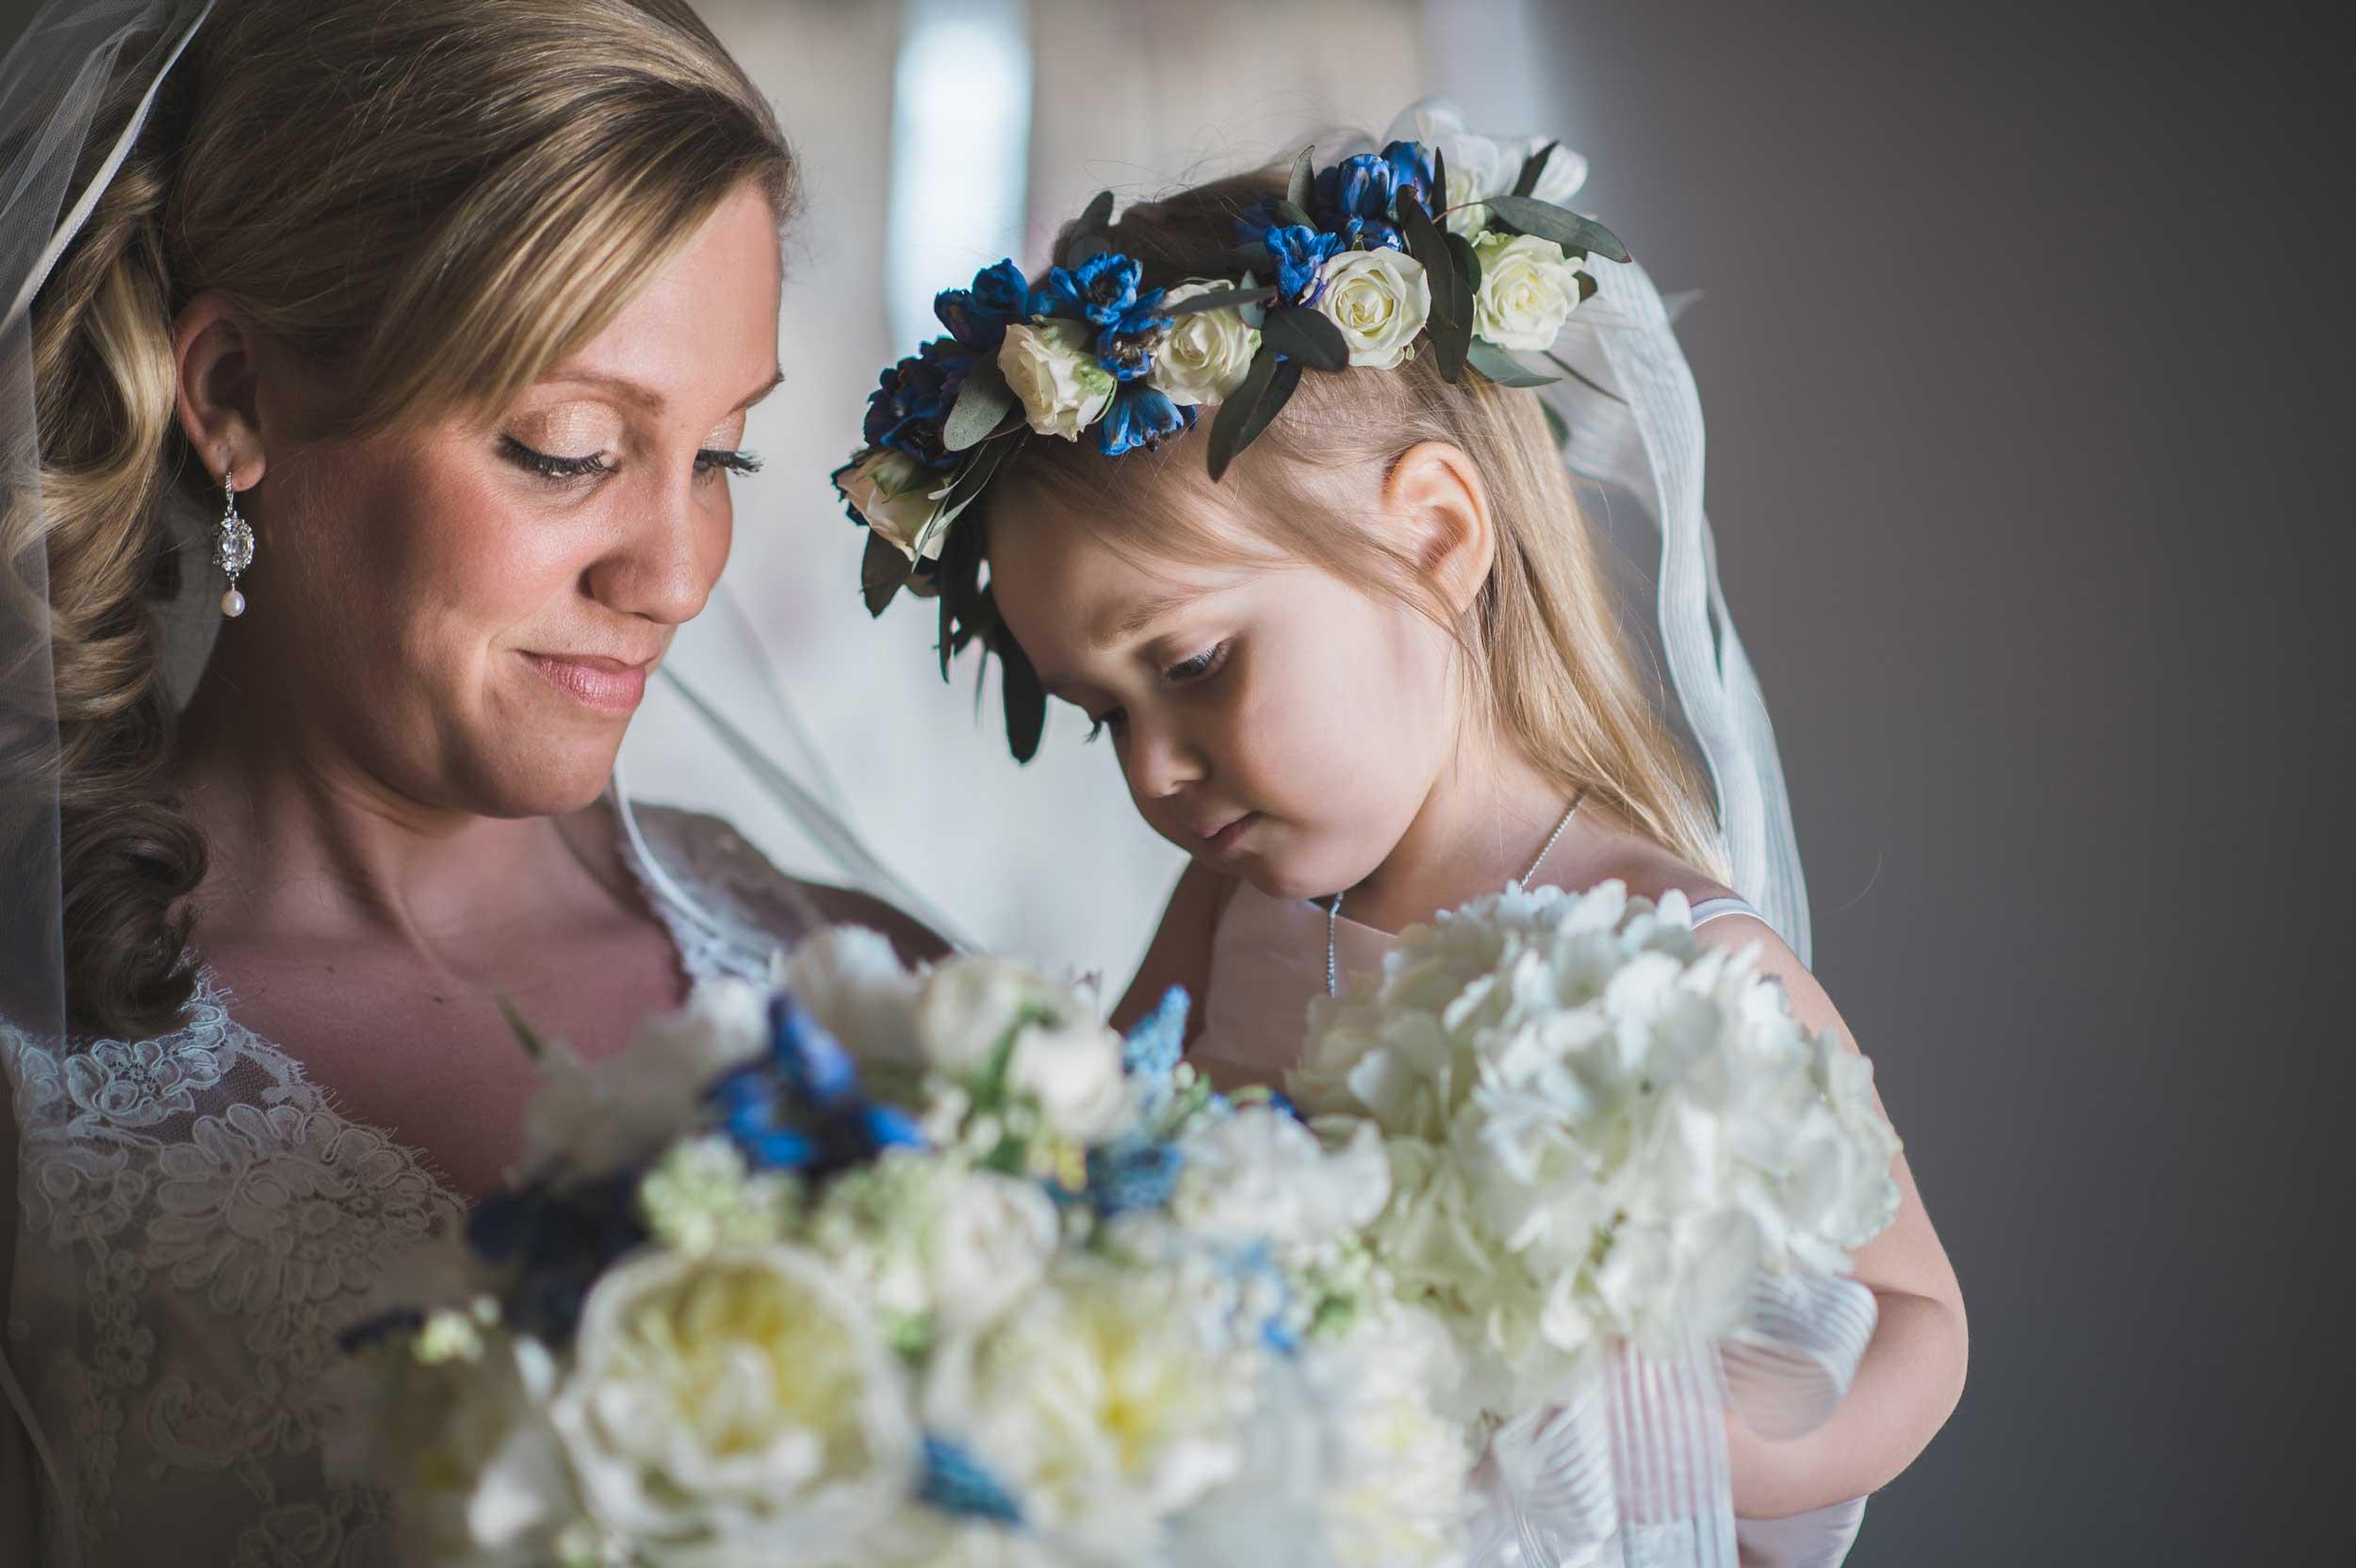 Flower girl smelling bride's flowers